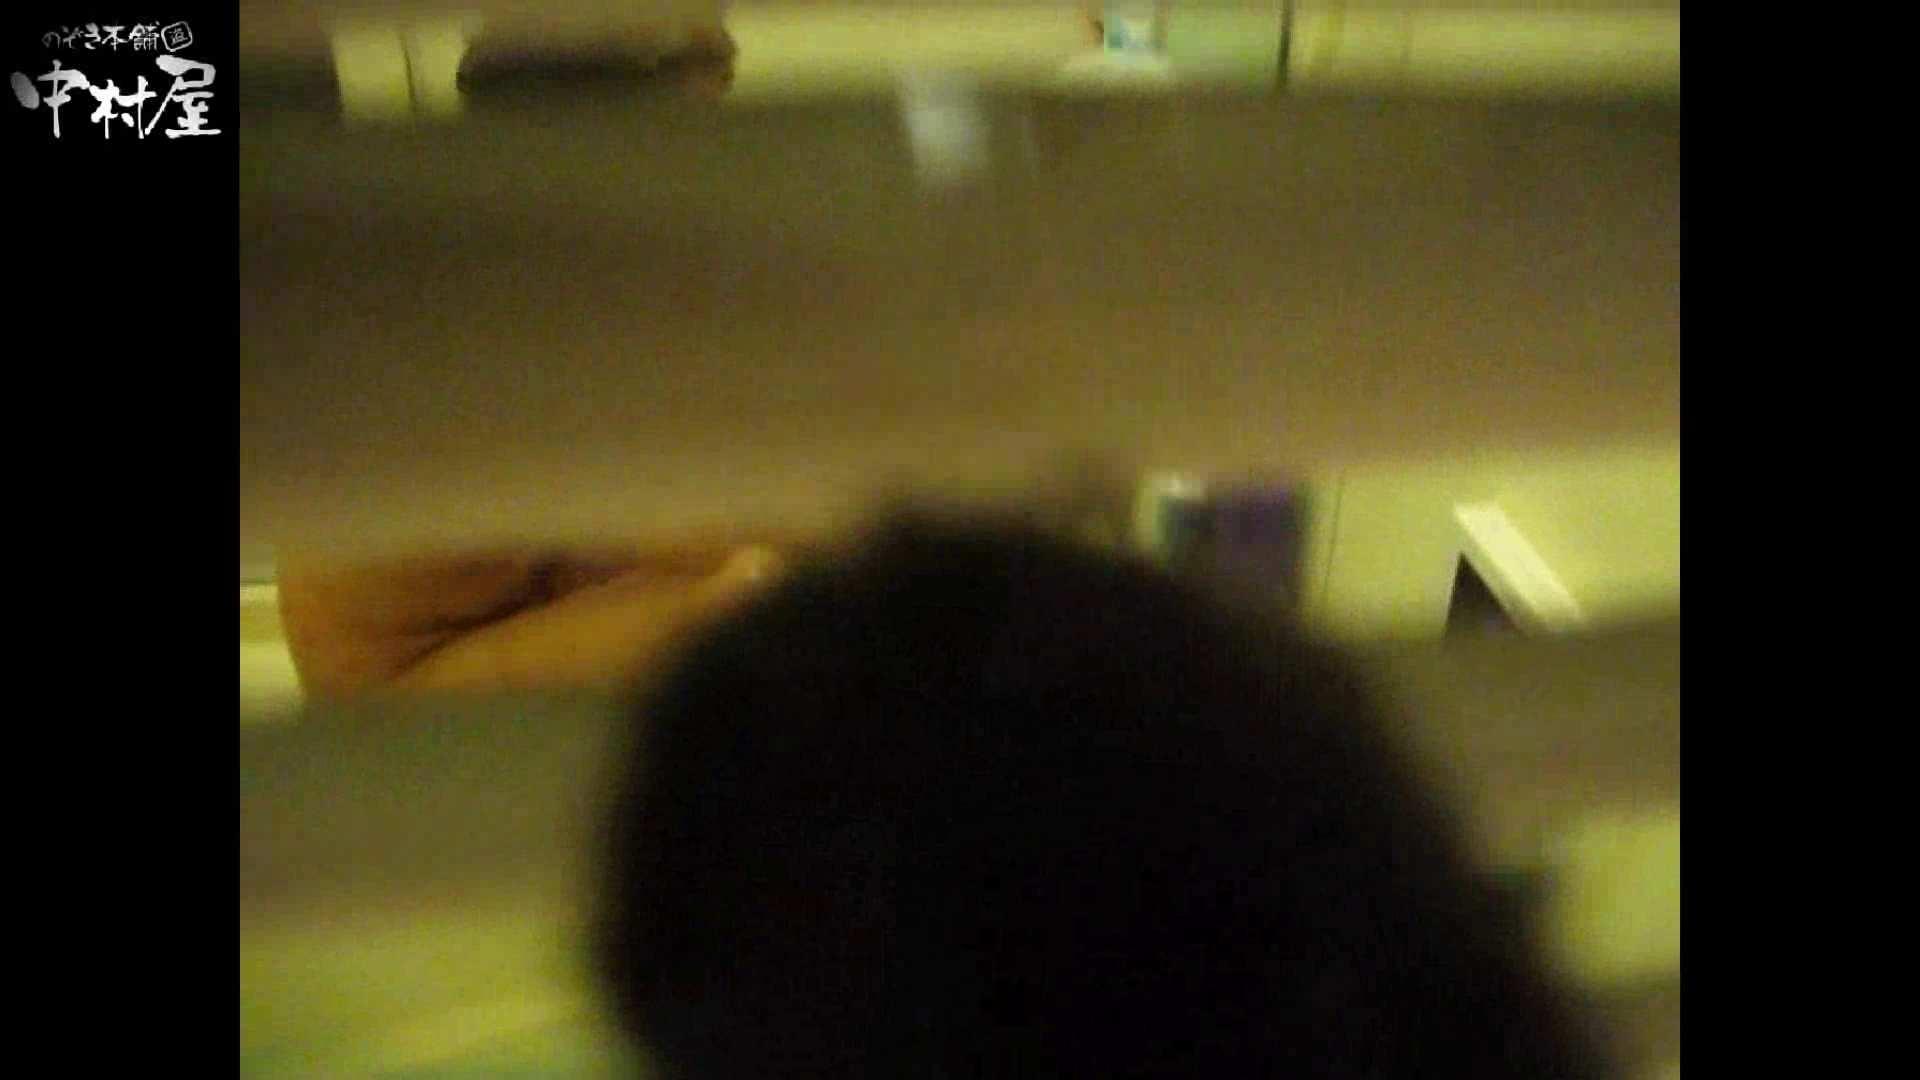 民家風呂専門盗撮師の超危険映像 vol.008 OLのエロ生活 おまんこ動画流出 37連発 14